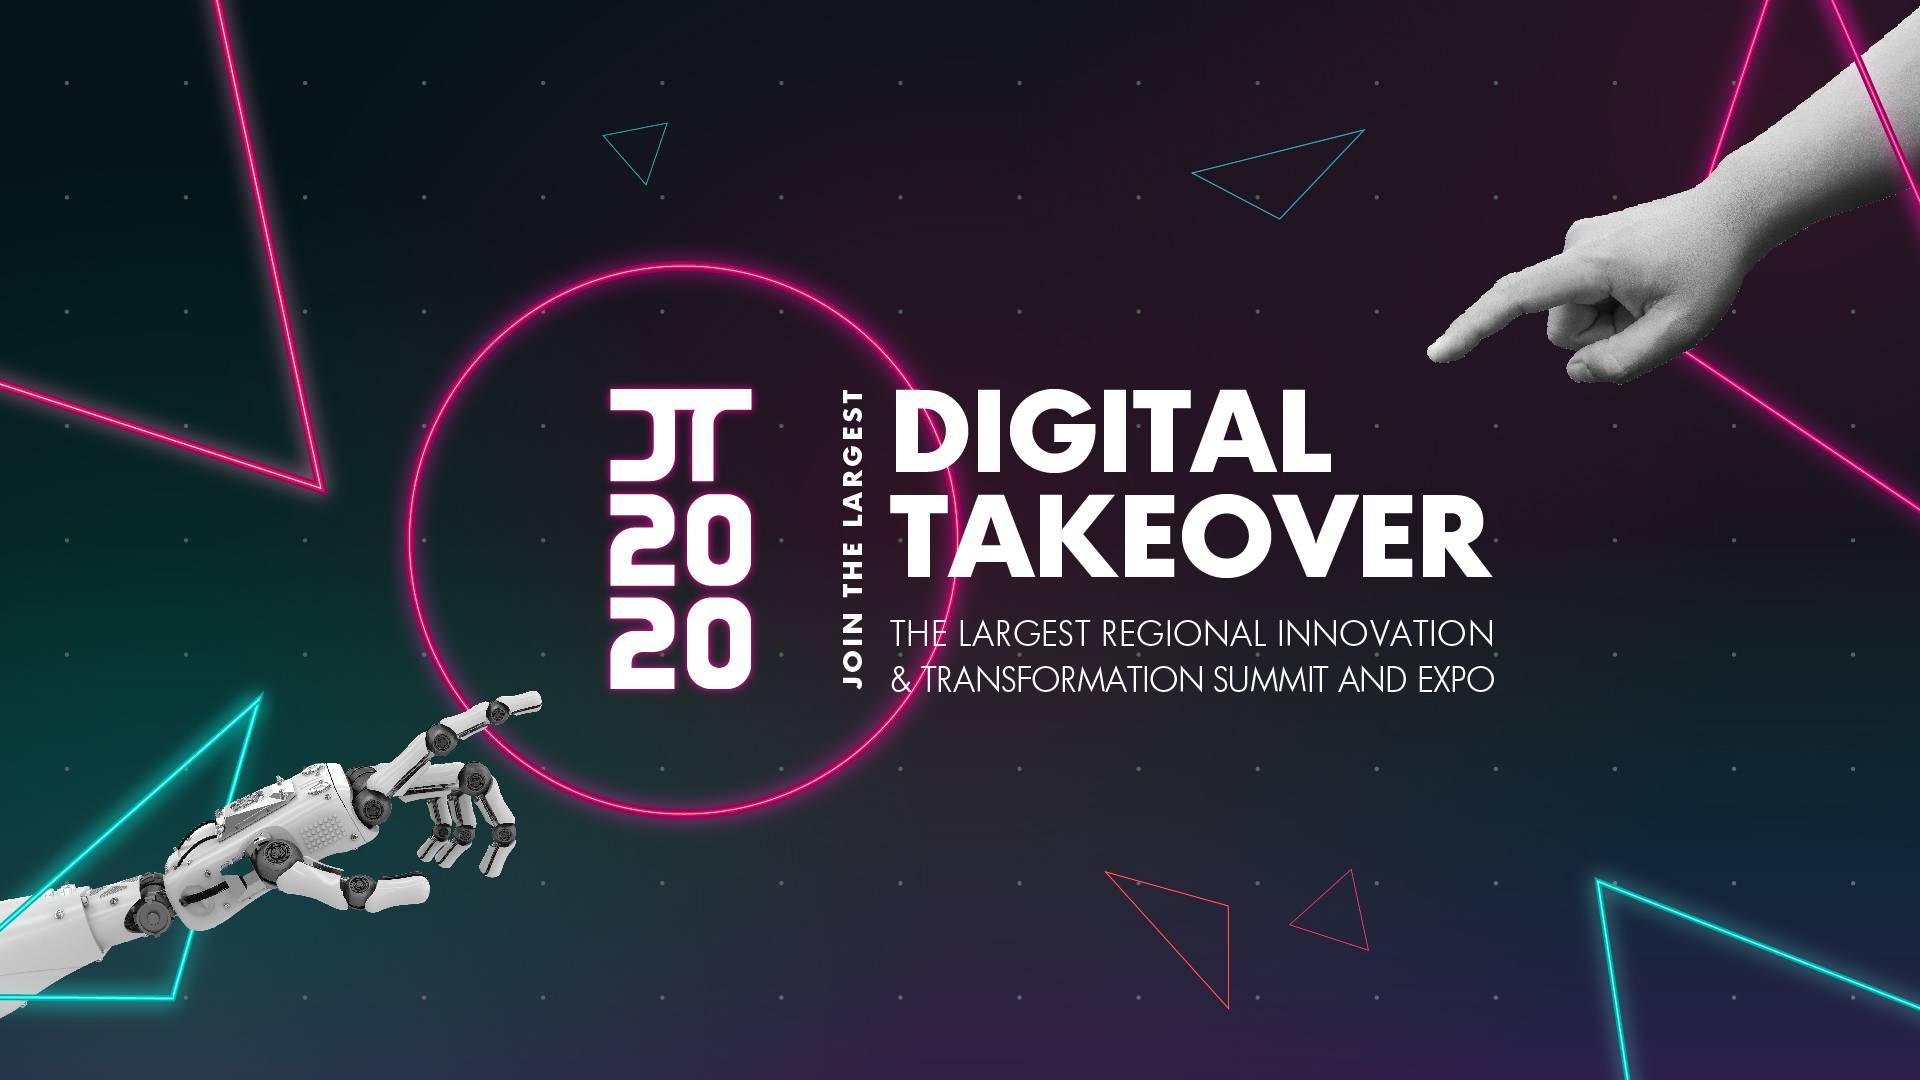 Pobjednici nagradnog natječaja za Digital Takeover